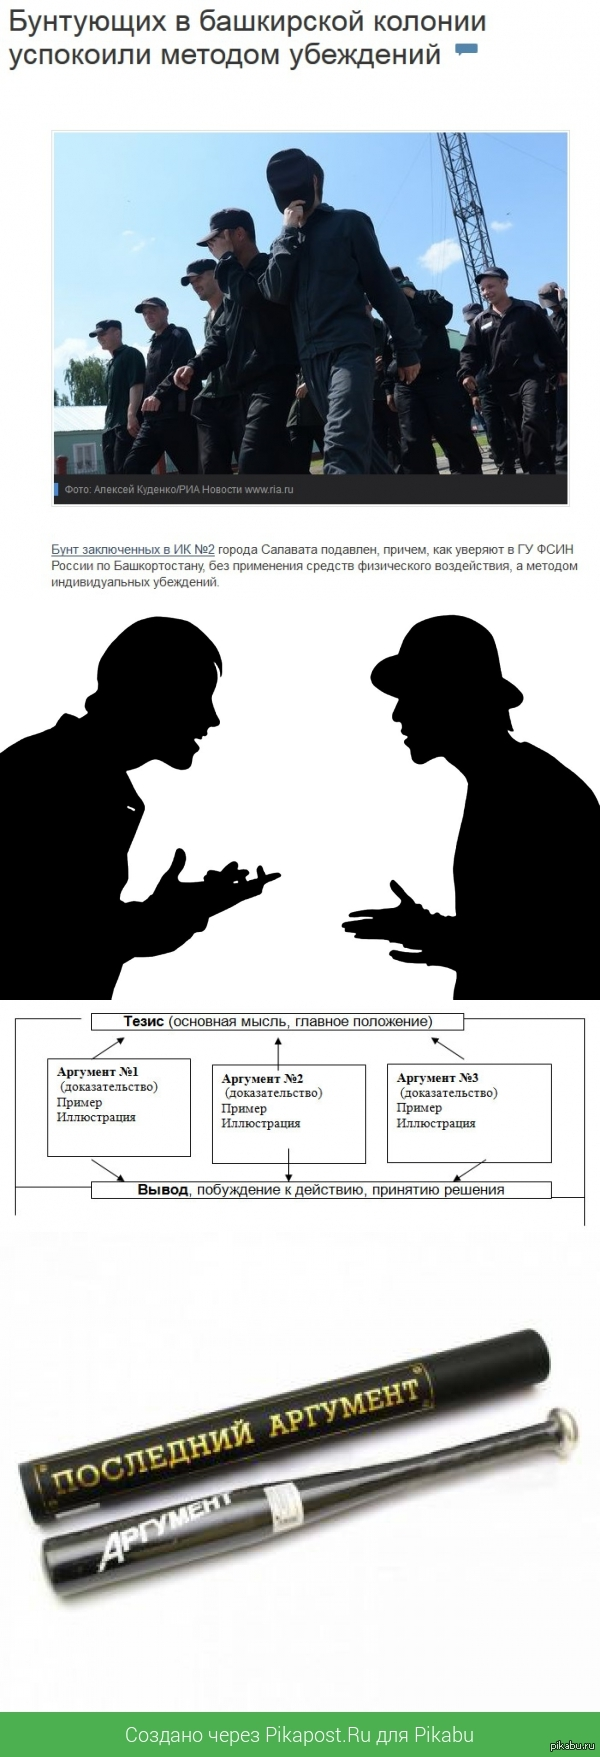 Метод убеждения